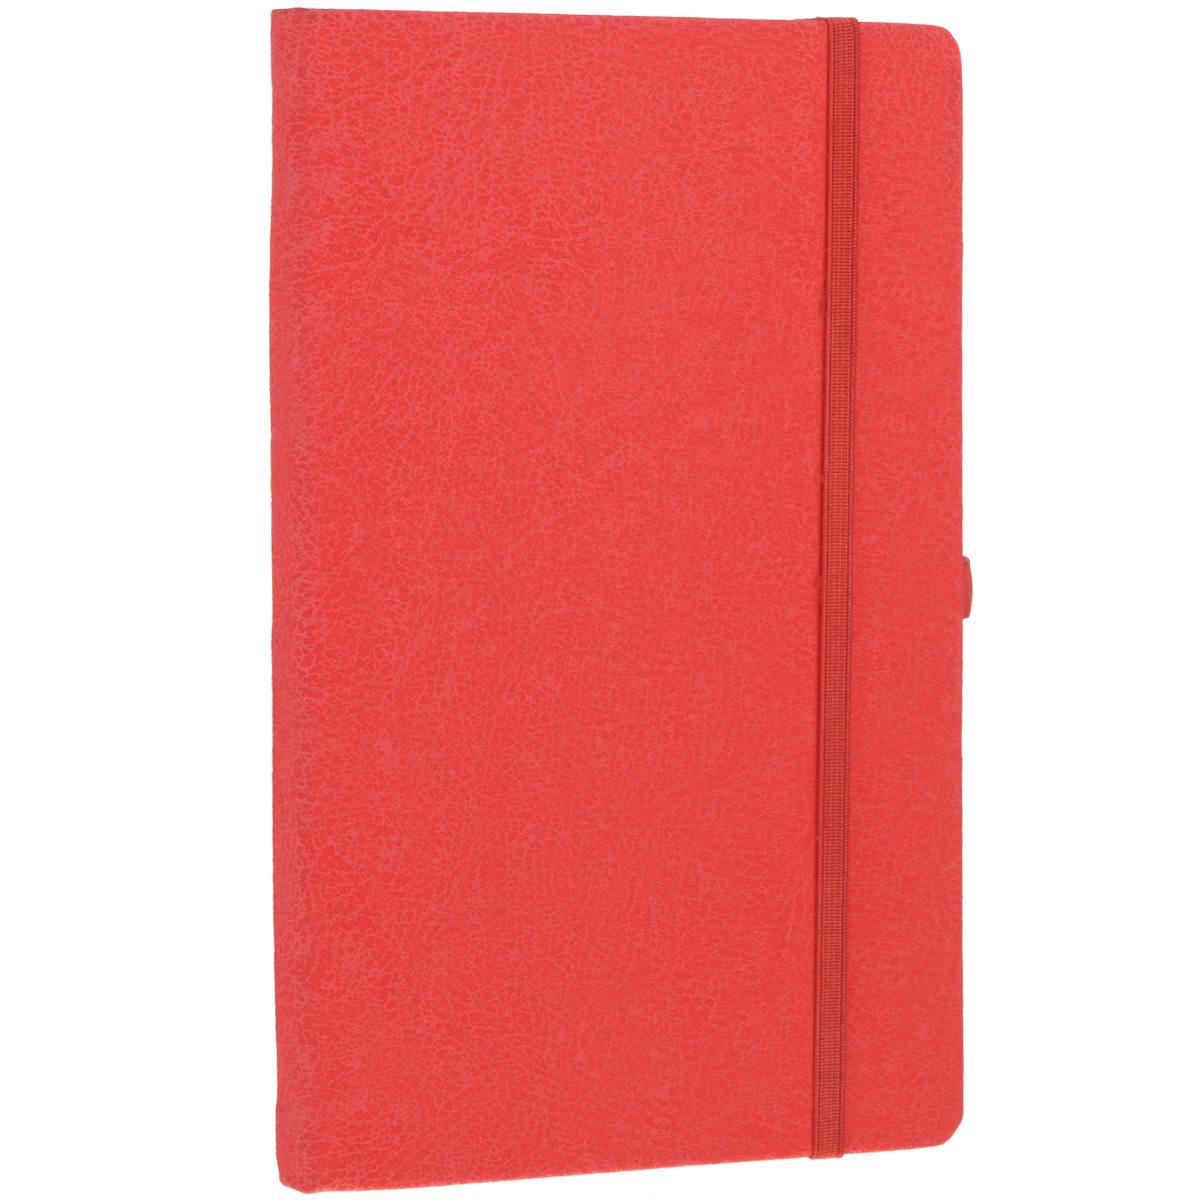 Записная книжка Erich Krause Perfect, цвет: красный, 96 листов36770Записная книжка Erich Krause Perfect - это дополнительный штрих к вашему имиджу. Демократичная в своем содержании, книжка может быть использована не только для личных пометок и записей, но и как недатированный ежедневник. Надежная твердая обложка из плотного картона с тиснением под кожу сохранит ее в аккуратном состоянии на протяжении всего времени использования. Плотная в линейку бумага белого цвета, закладка-ляссе, практичные скругленные углы, эластичная петелька для ручки и внутренний бумажный карман на задней обложке - все это обеспечит вам истинное удовольствие от письма. В начале книжки имеется страничка для заполнения личных данных владельца, четыре страницы для заполнения адресов, телефонов и интернет-почты и четыре страницы для заполнения сайтов и ссылок. Благодаря небольшому формату книжку легко взять с собой. Записная книжка плотно закрывается при помощи фиксирующей резинки.